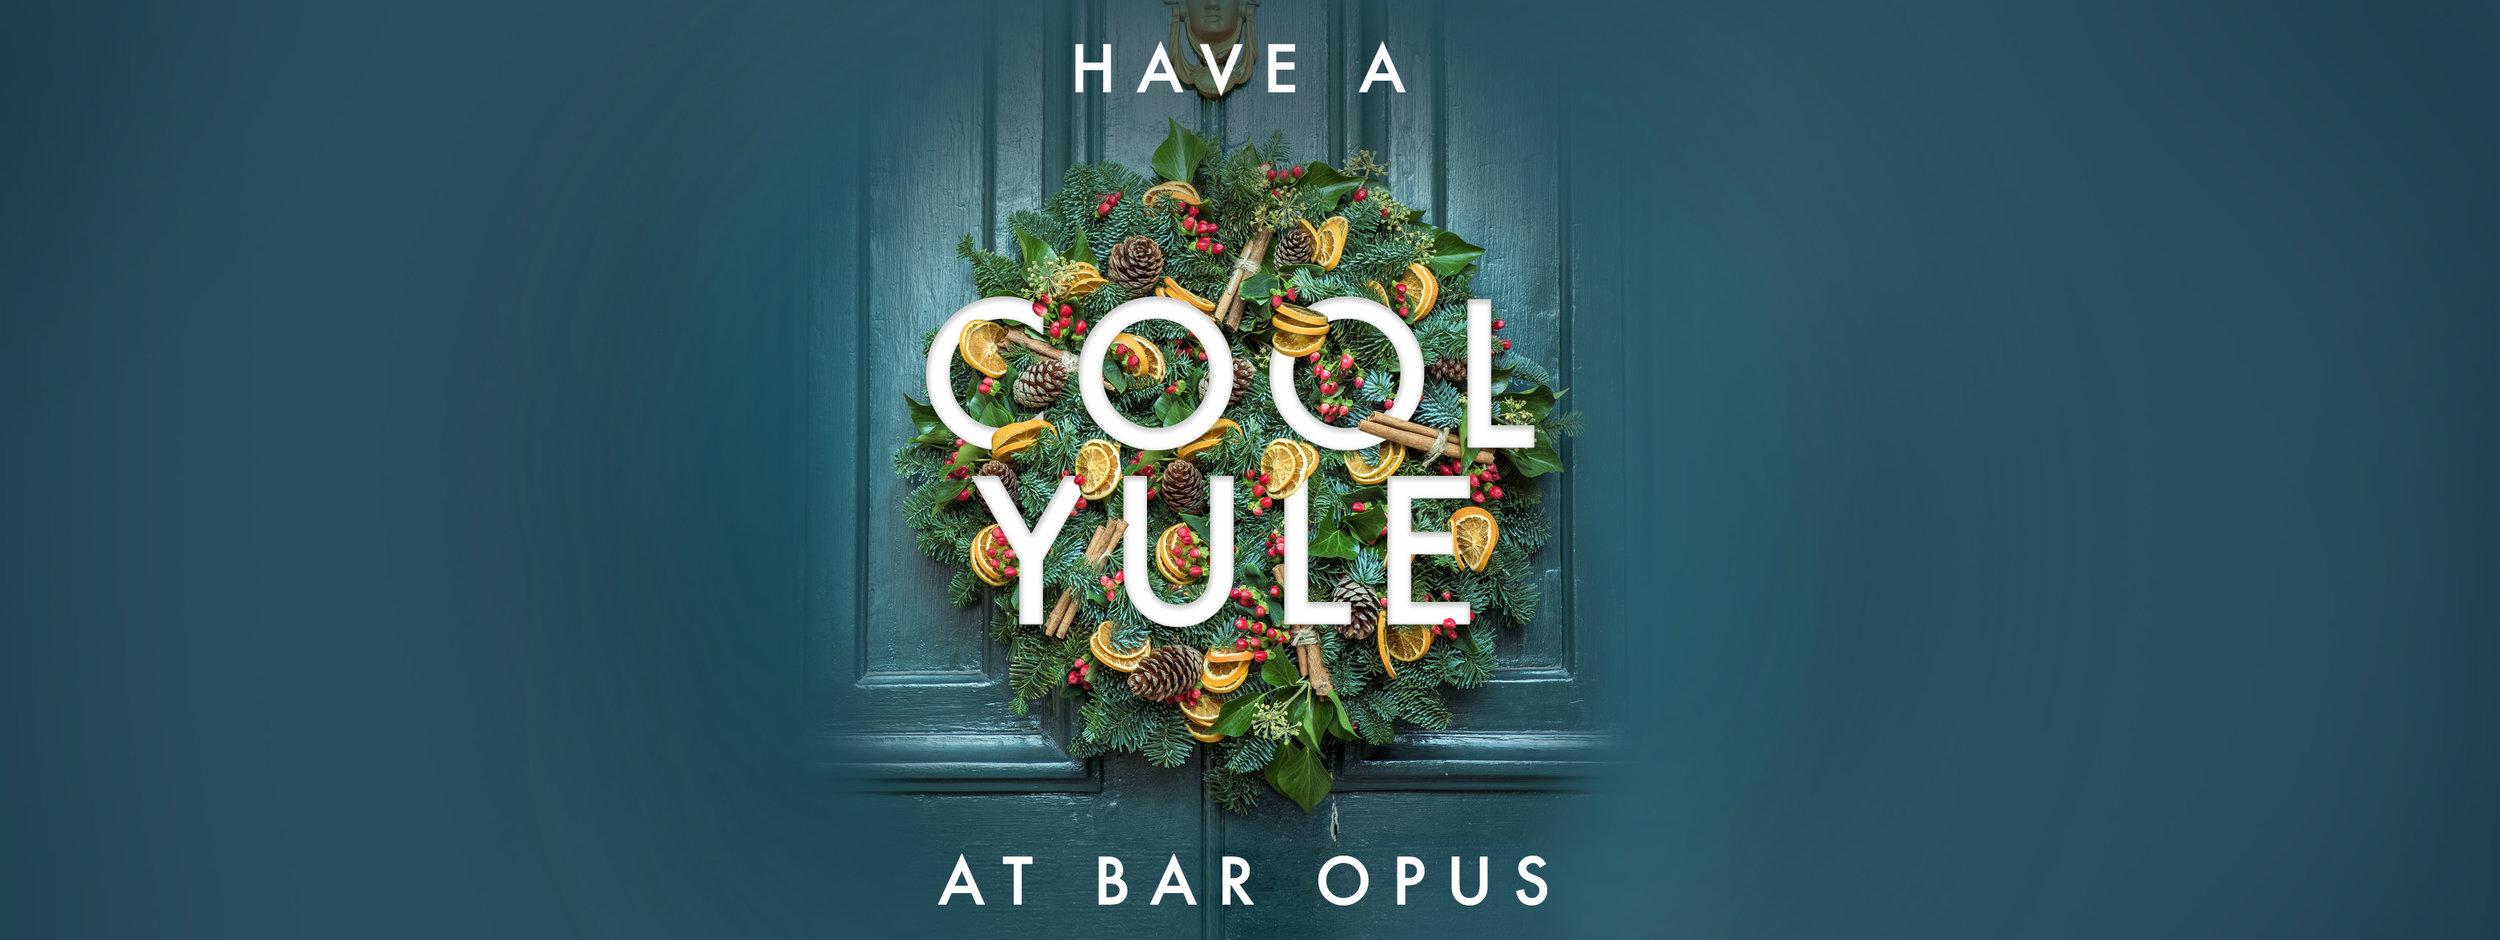 Cool yule for Facebook.jpg